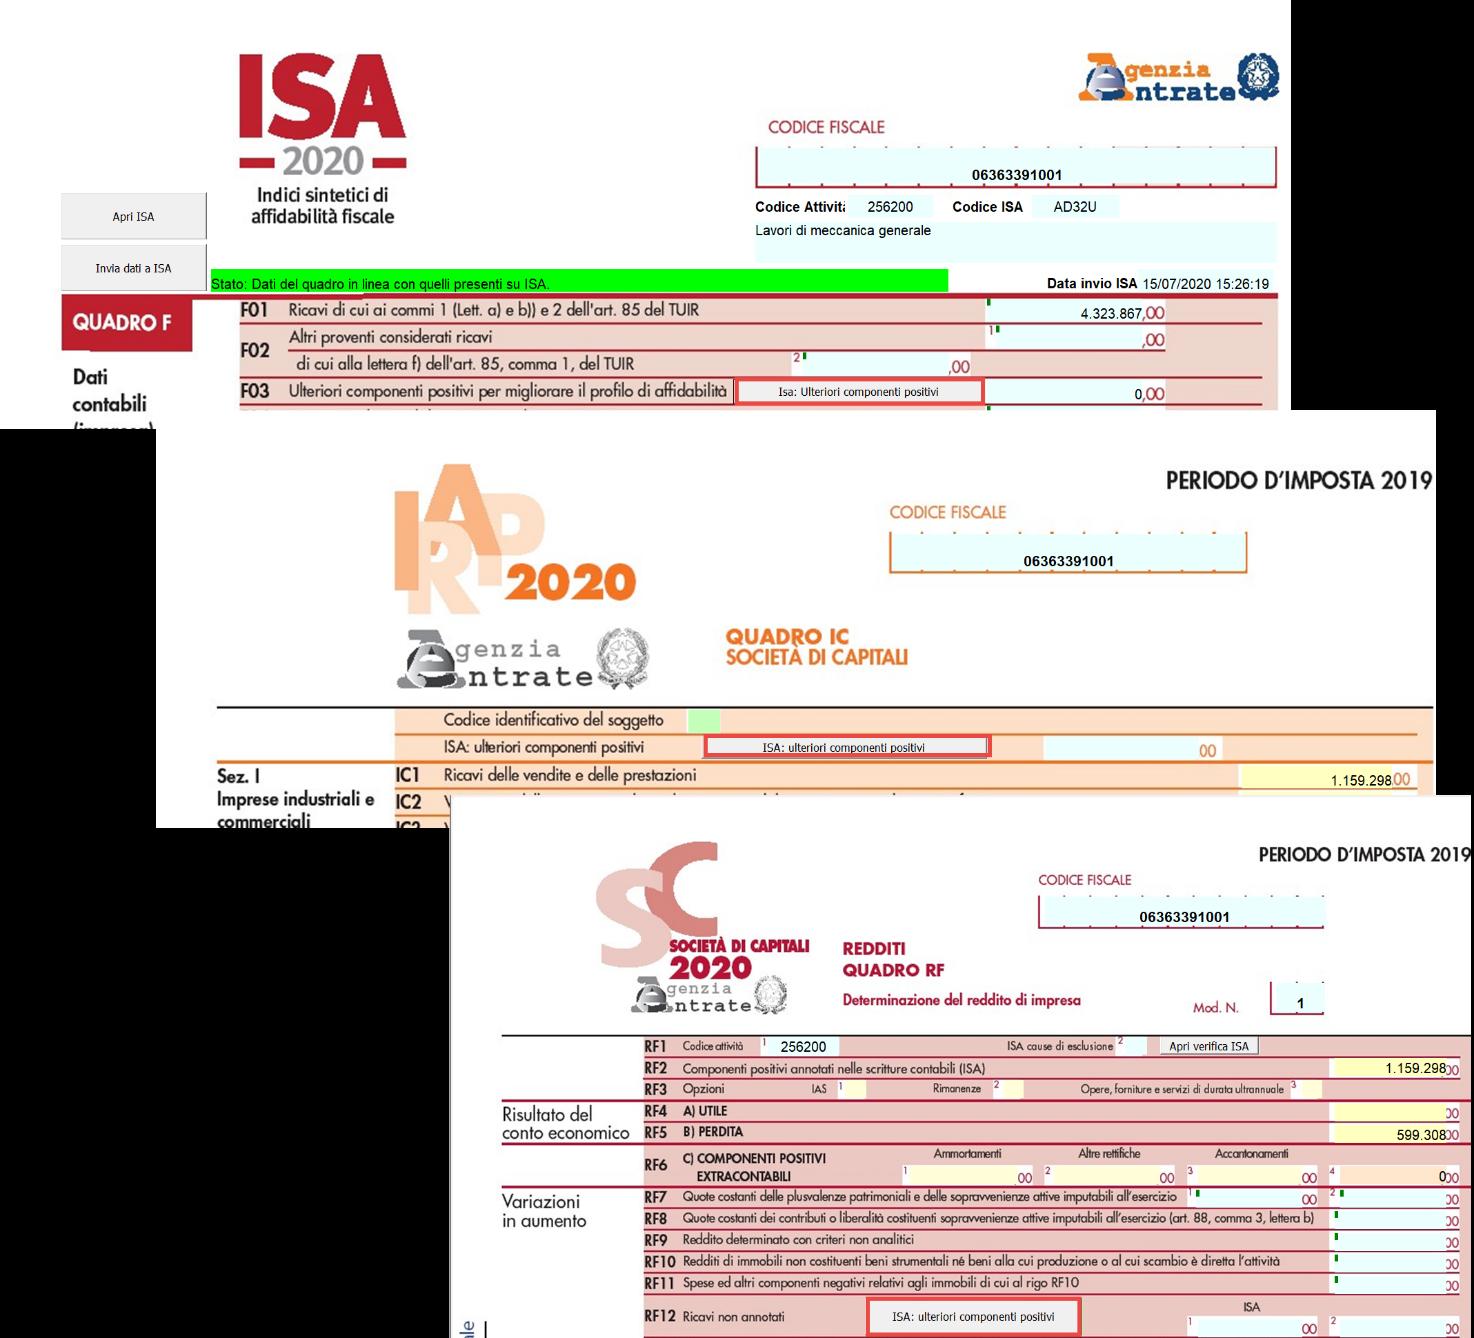 ISA: media dei punteggi 2019 e 2018 - Maschera ulteriore componenti positivi